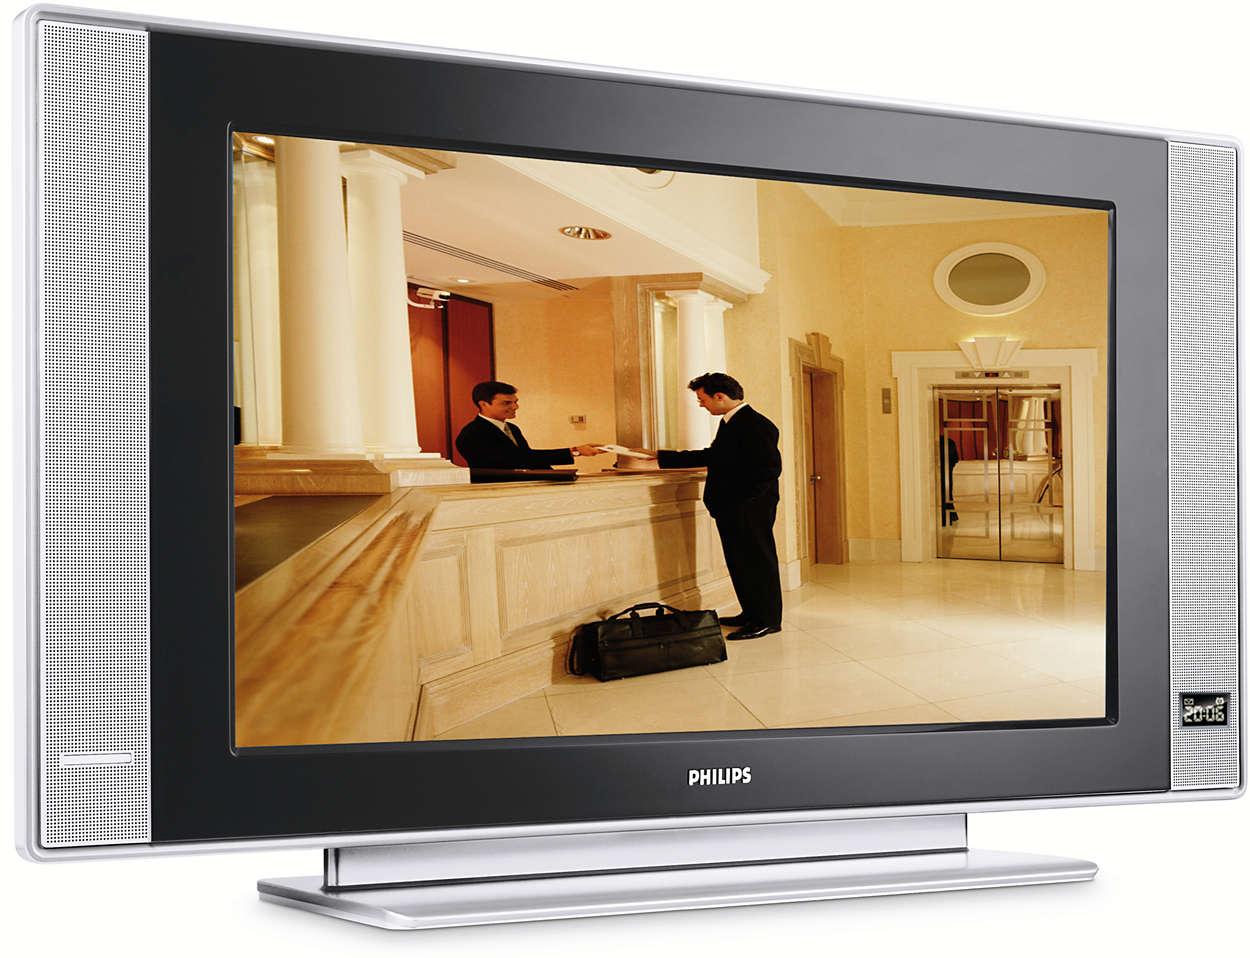 Televizor Flat TV versatil pentru industria hotelieră